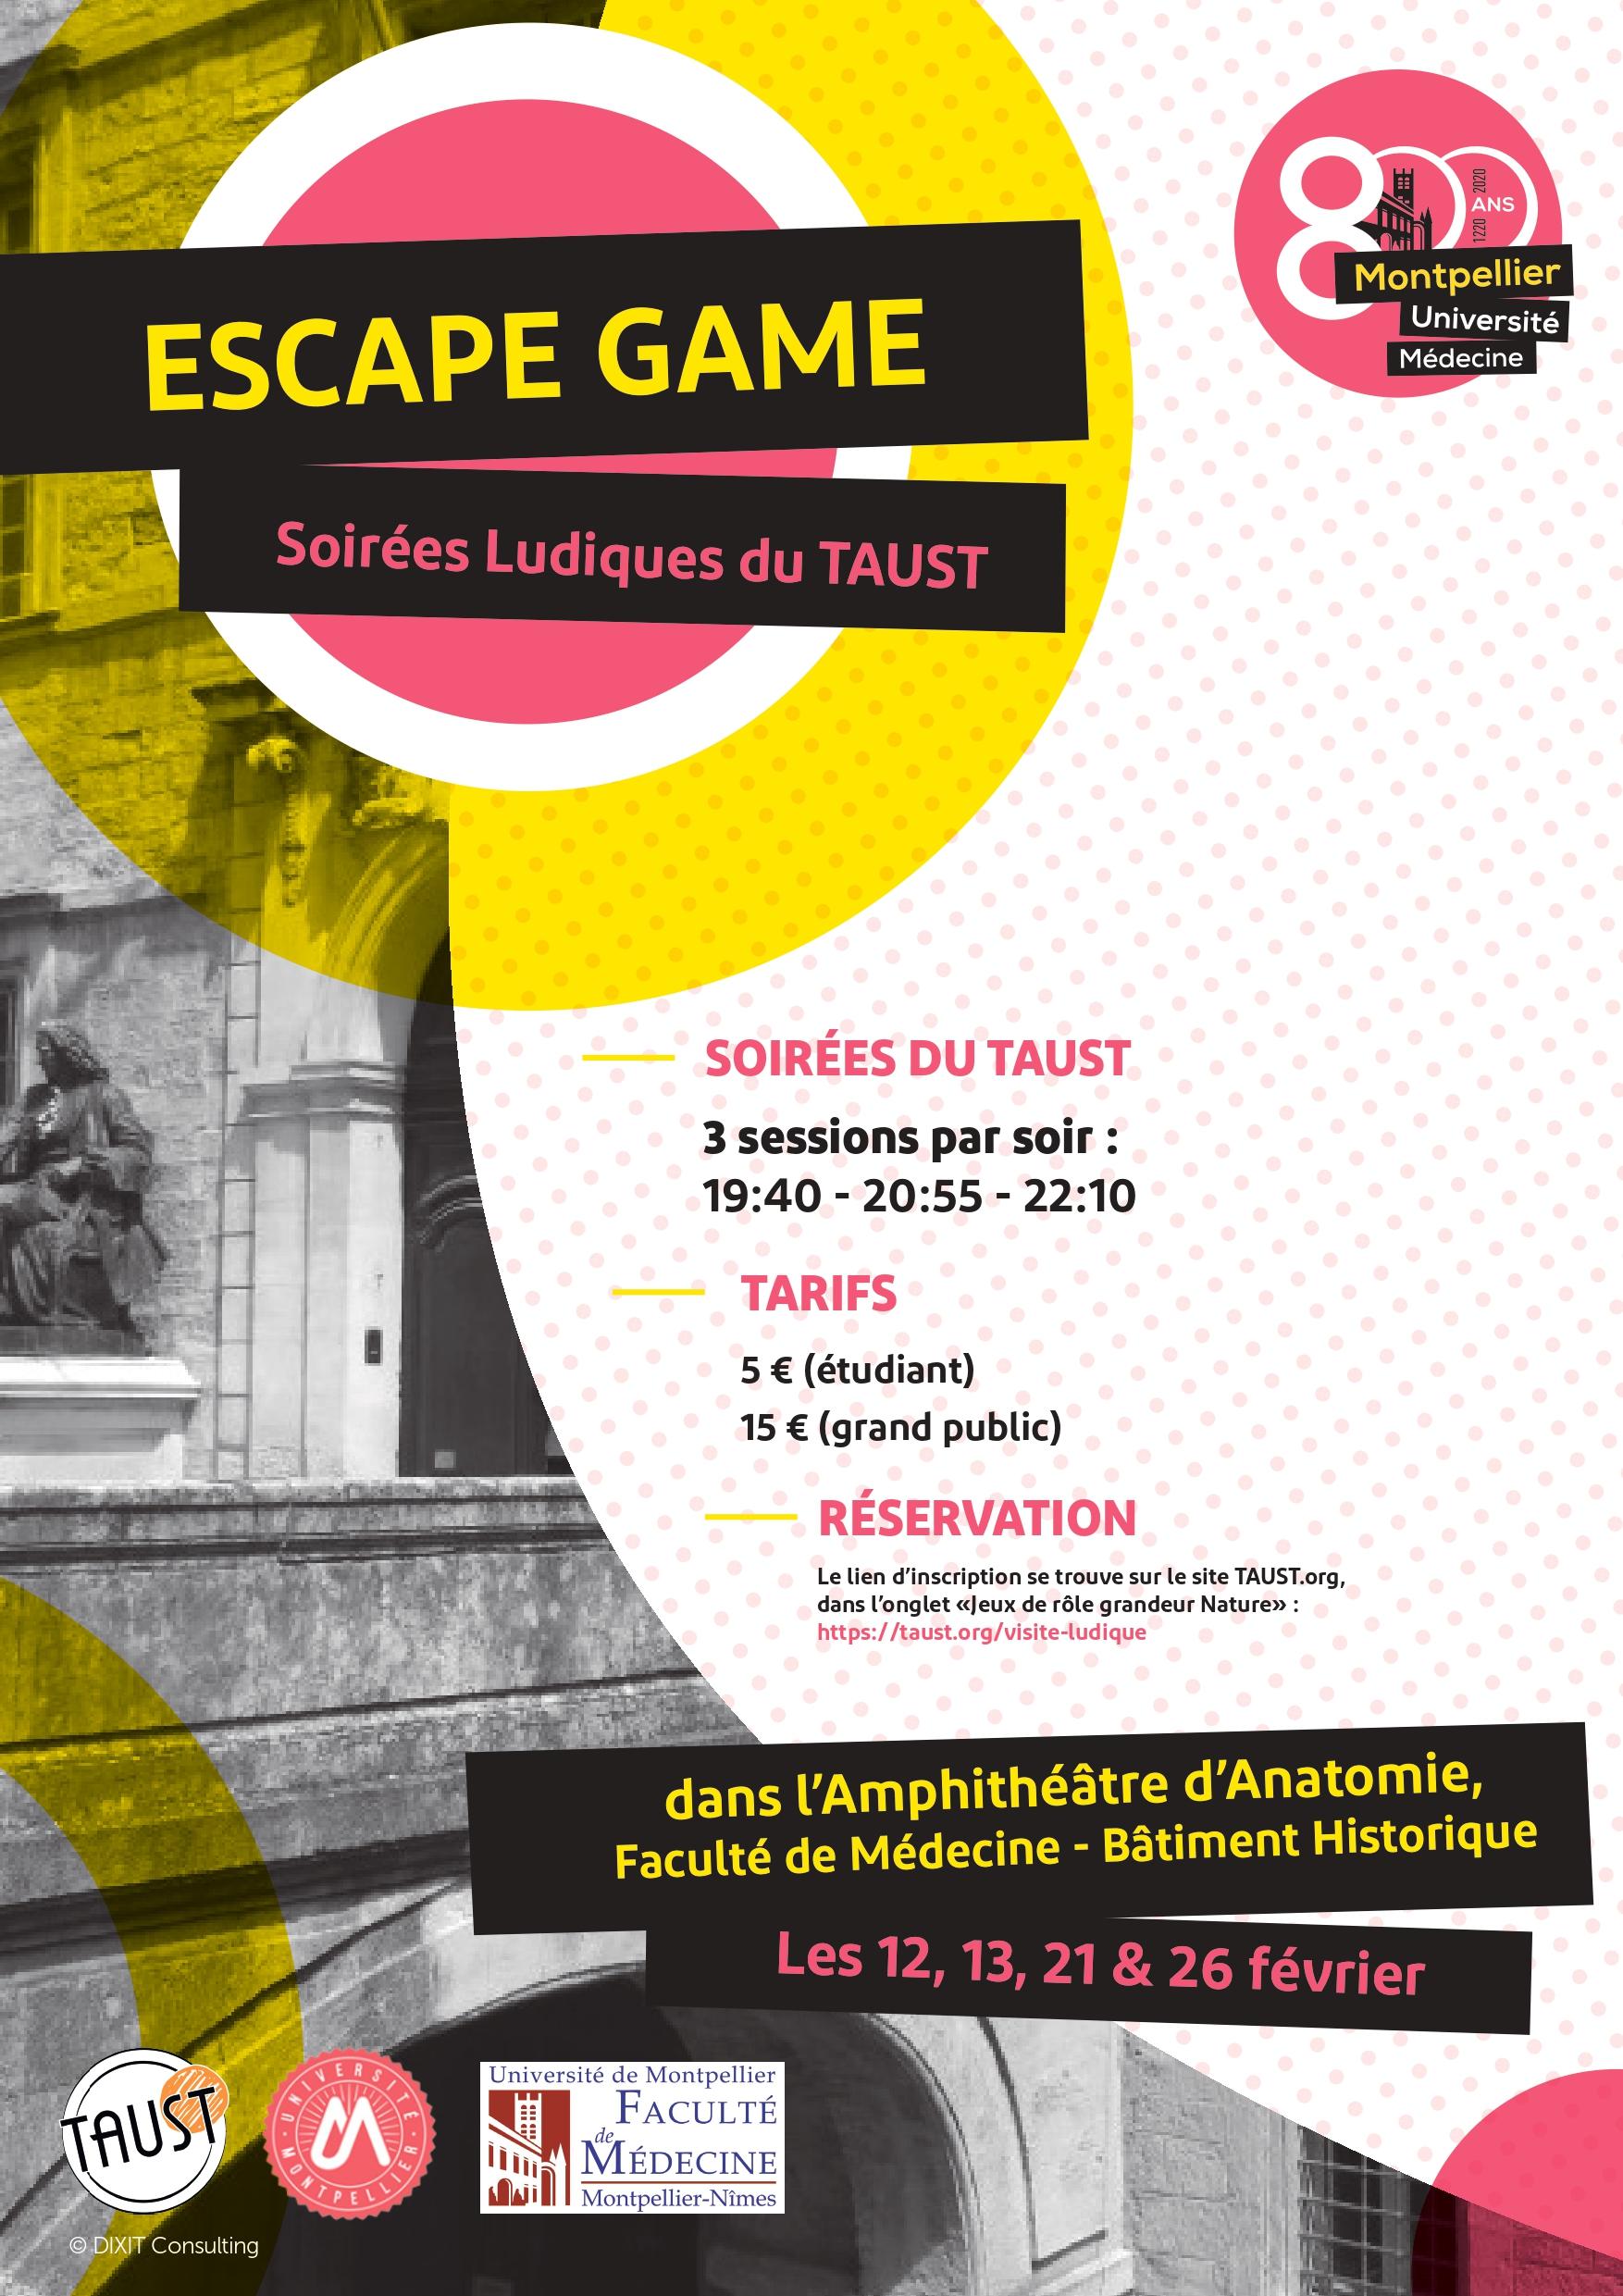 AFFICHE-ESCAPE-GAME_page-0001